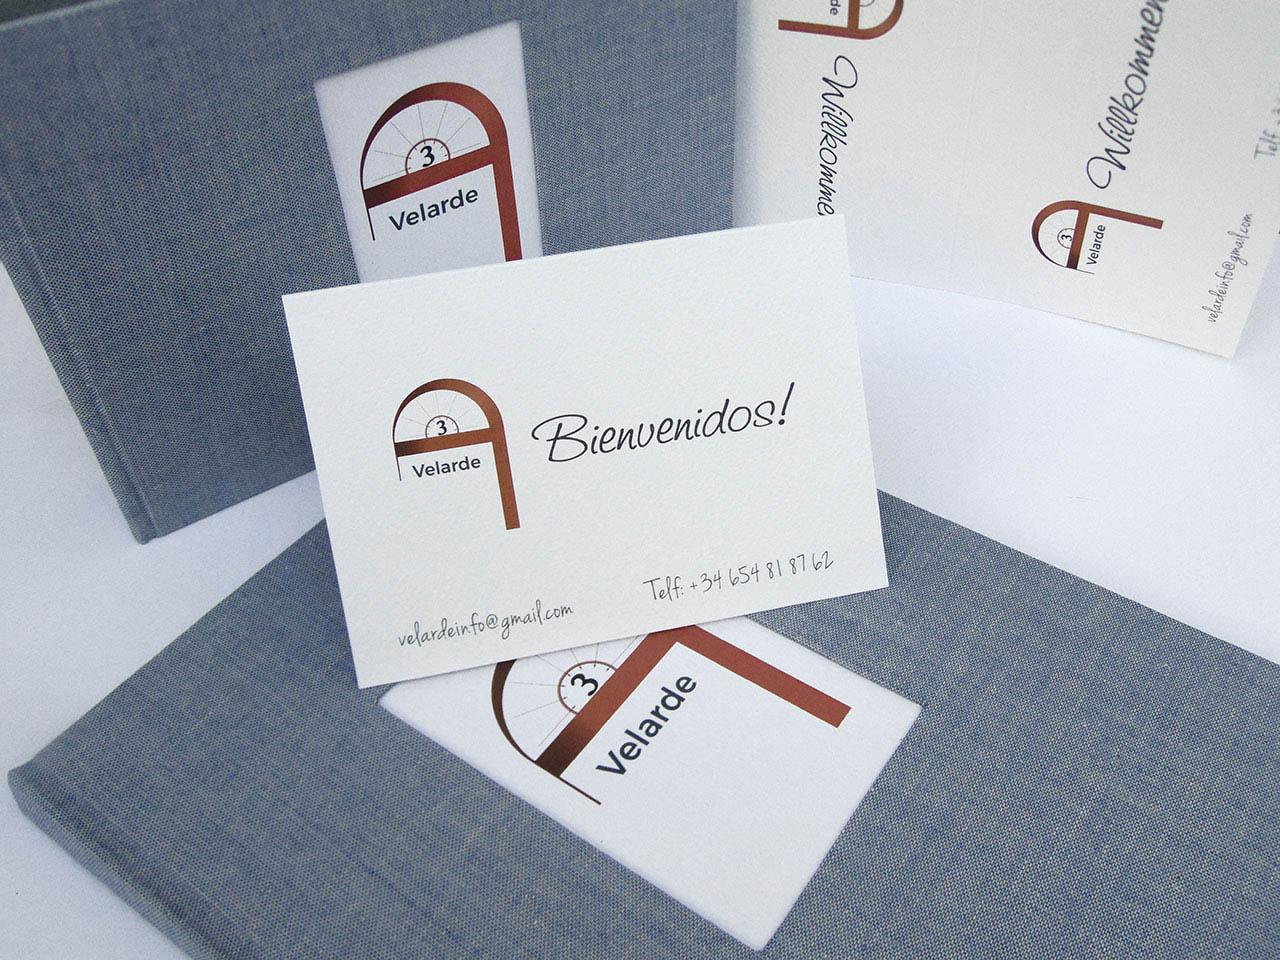 Velarde 3.Carpeta, libro de firmas<br>  y tarjetas de bienvenida y visita